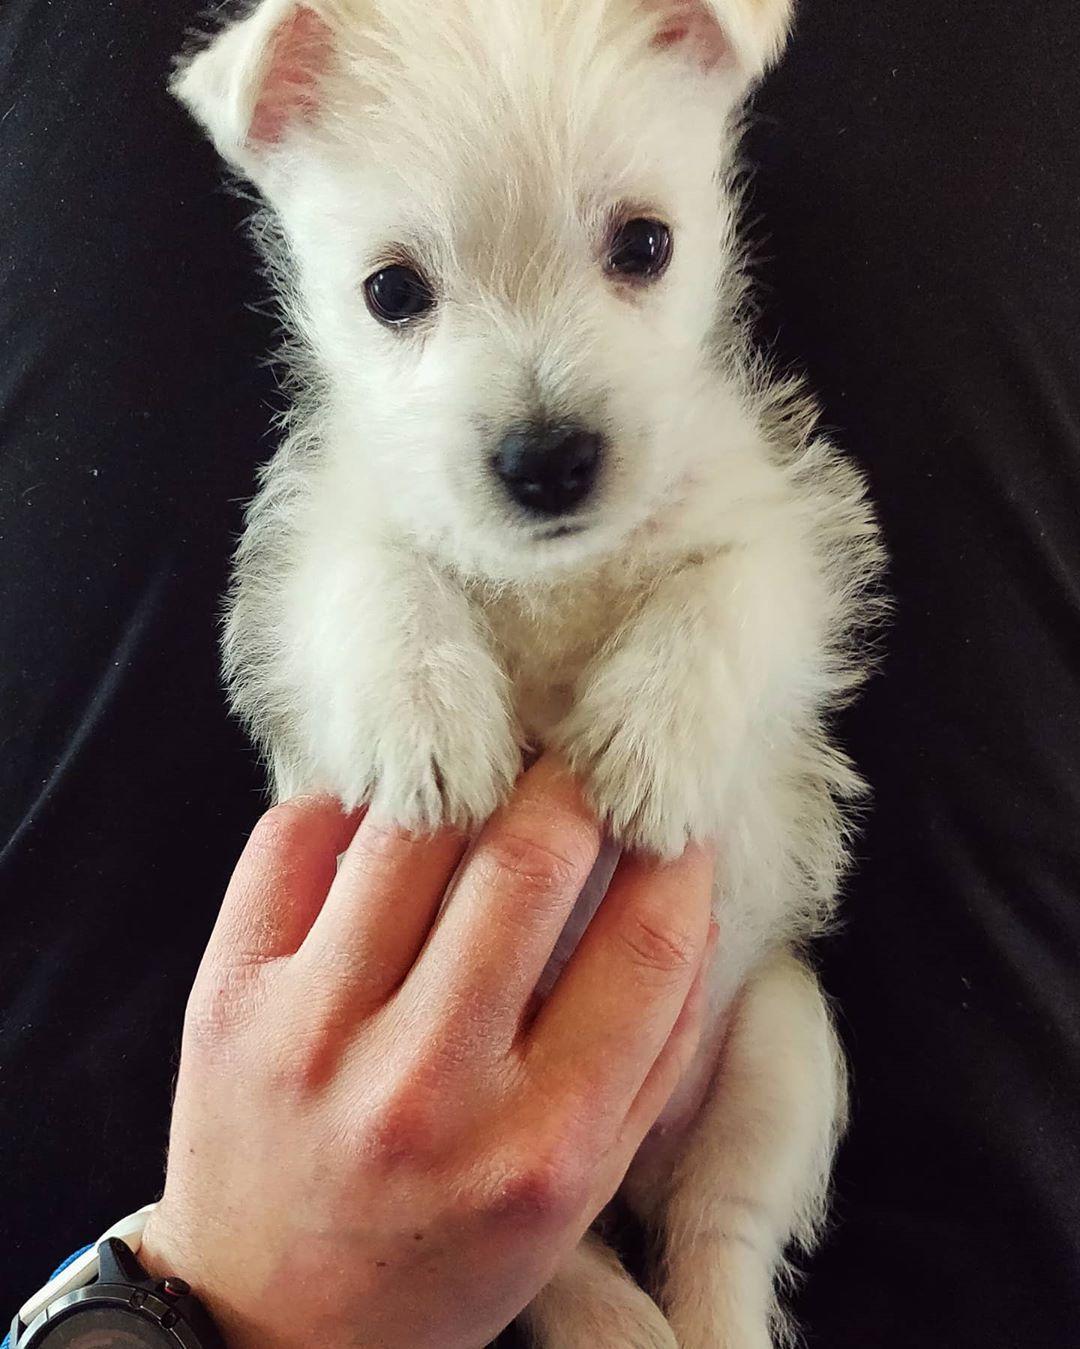 Kattokaaa Nyt Sita Kattokaaa Tassa On Luna Aka Lunanaattori Meidan Perheen Uusi Jyystaja Terroristi Ja In 2020 West Highland White Terrier White Terrier Westies